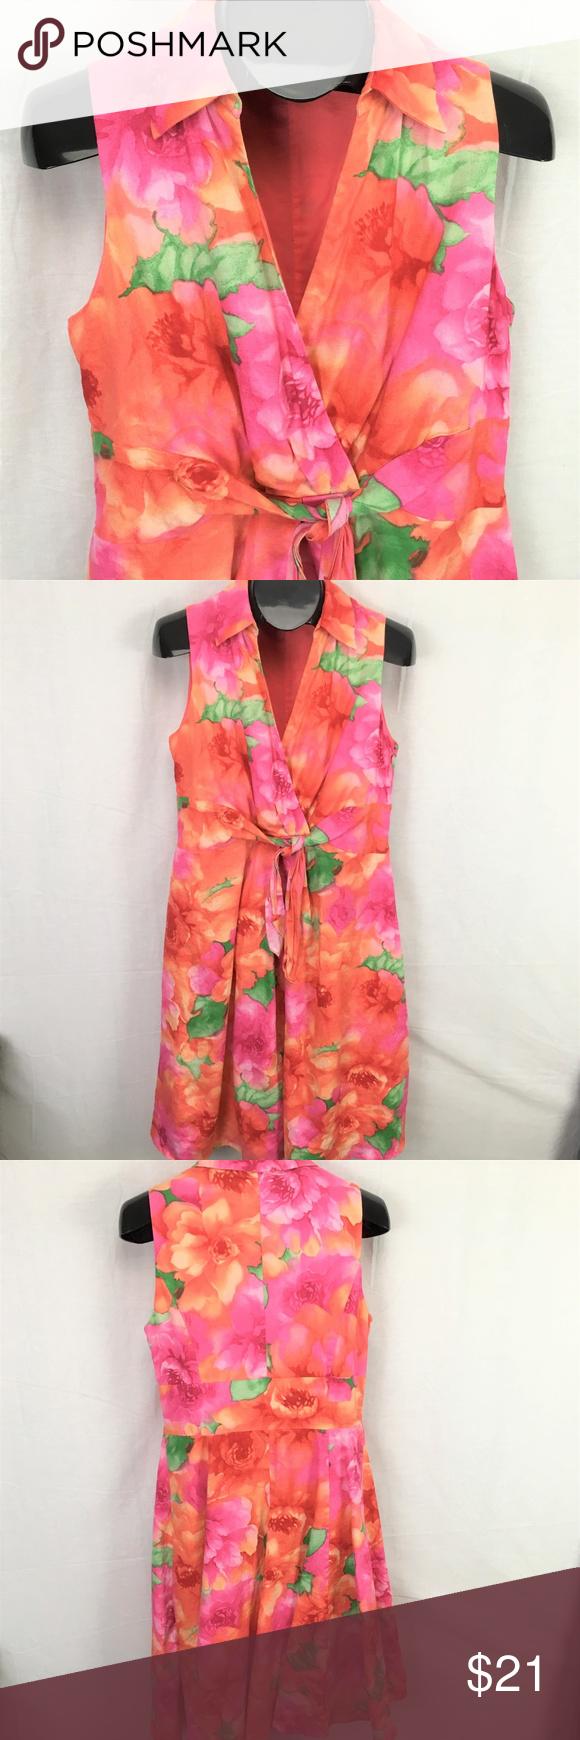 Jones New York Linen Dress Size 12 Pink Orange Jones New York Linen Dress Size 12 Pink Orange Floral Sleeveless Fit York Dress Jones New York Floral Sleeveless [ 1740 x 580 Pixel ]